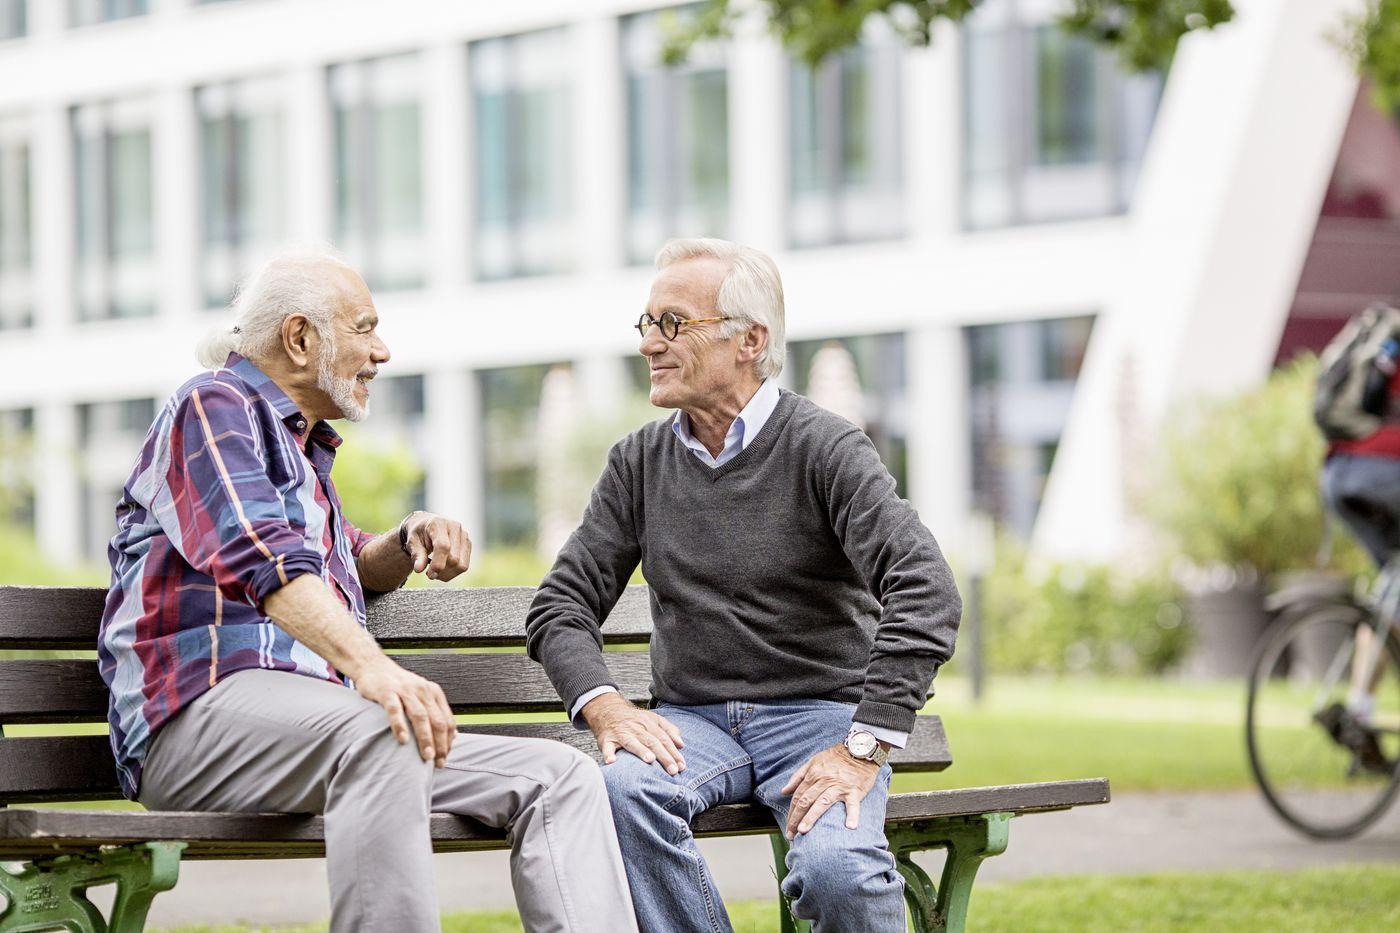 Die Alzheimer Erkrankung und der schwierige Umgang mit der Krankheit.